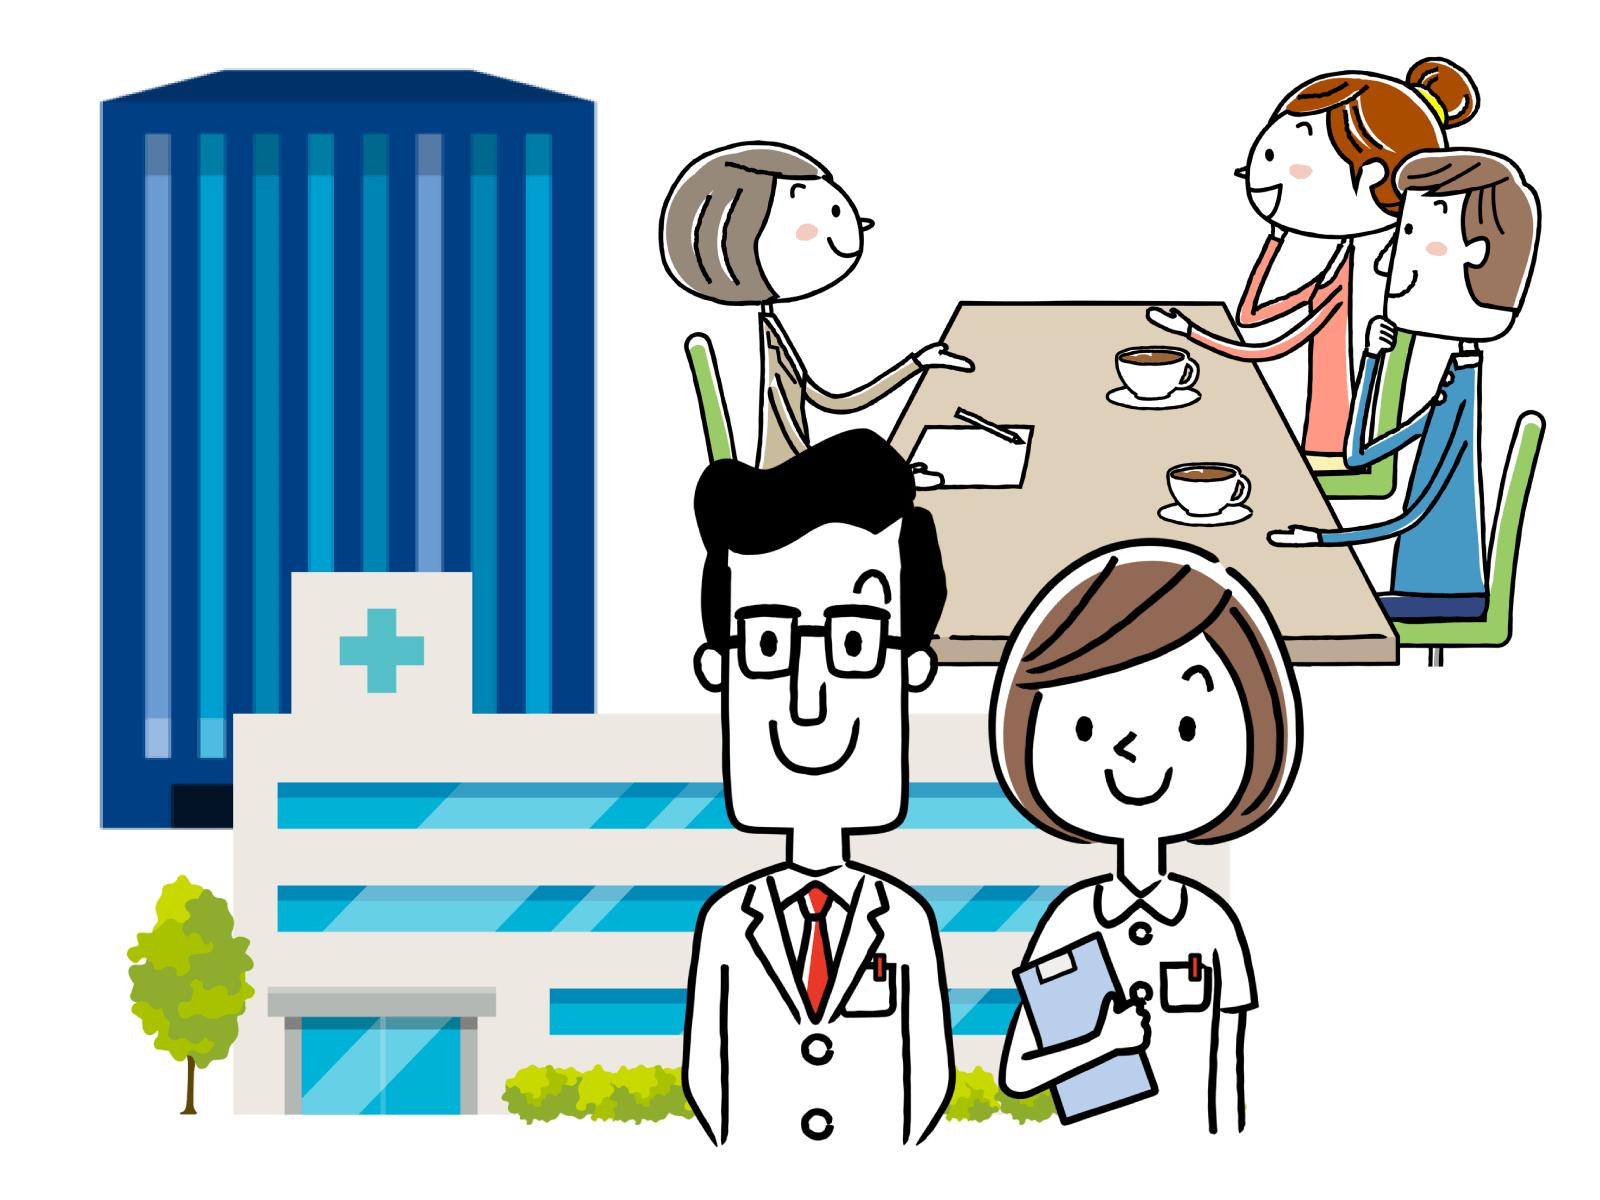 介護施設や病院などの場で活躍できるイメージイラスト